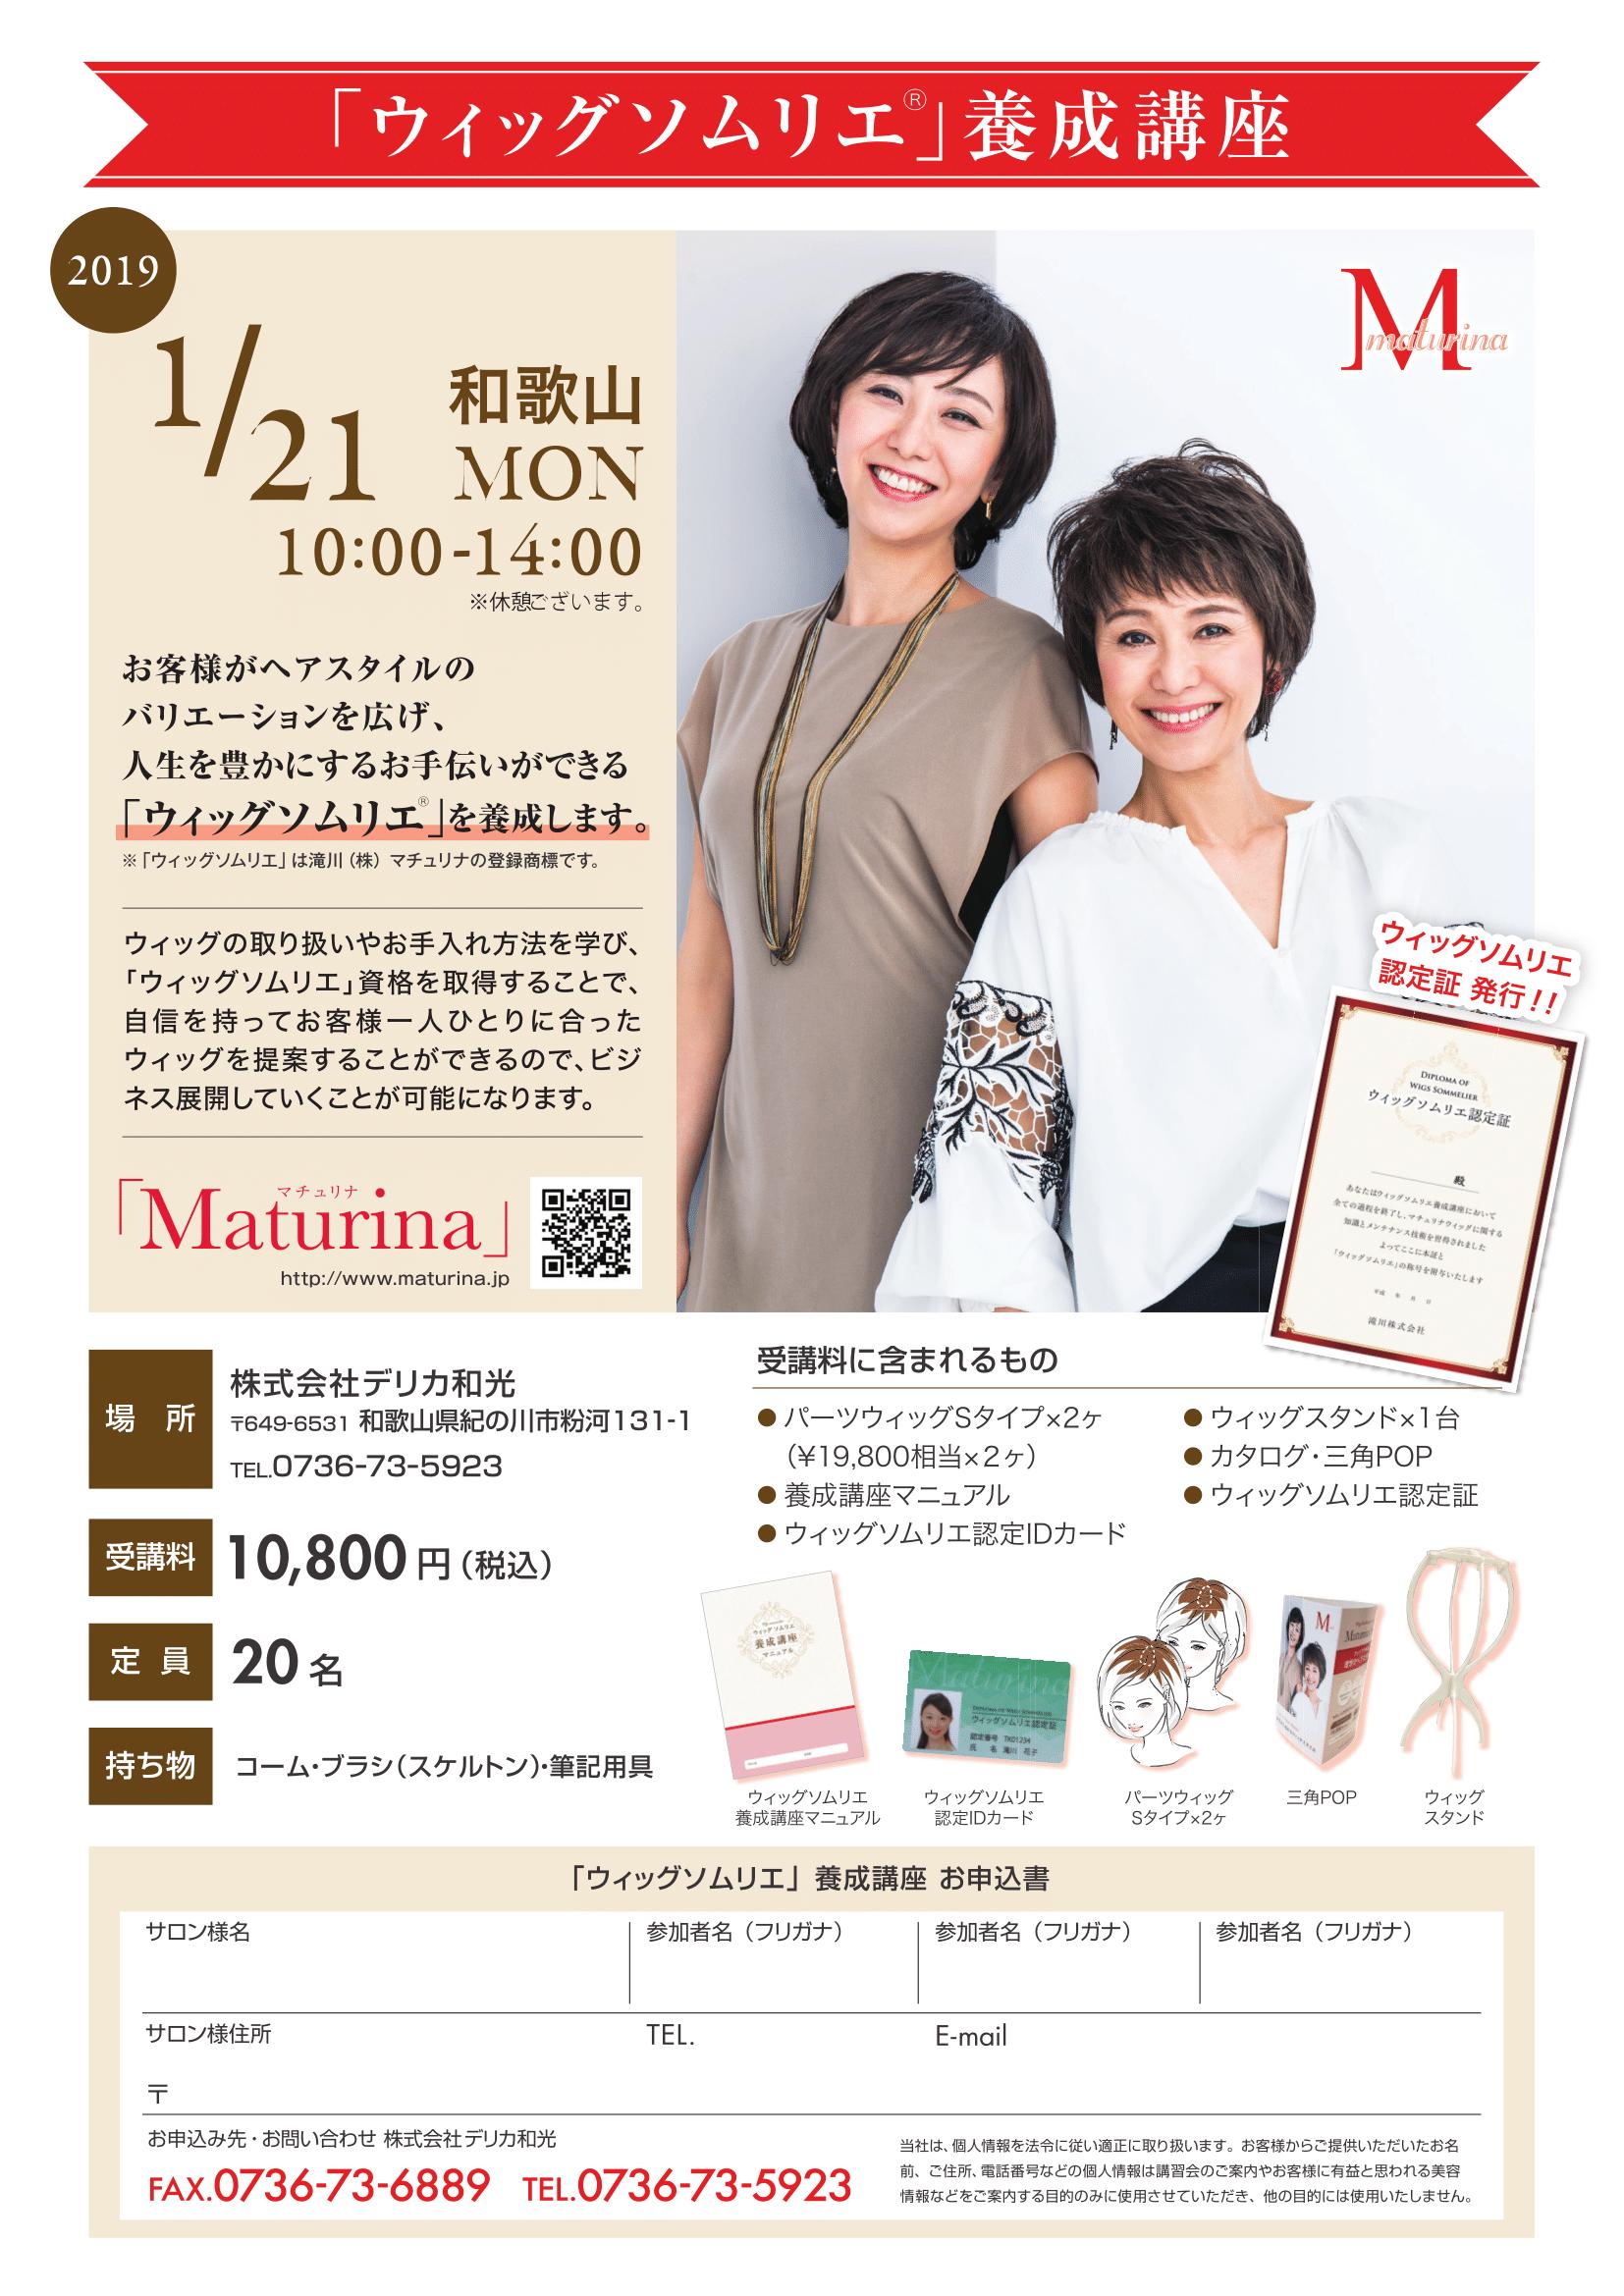 【和歌山】「ウィッグソムリエ」養成講座 ※日程変更1/21